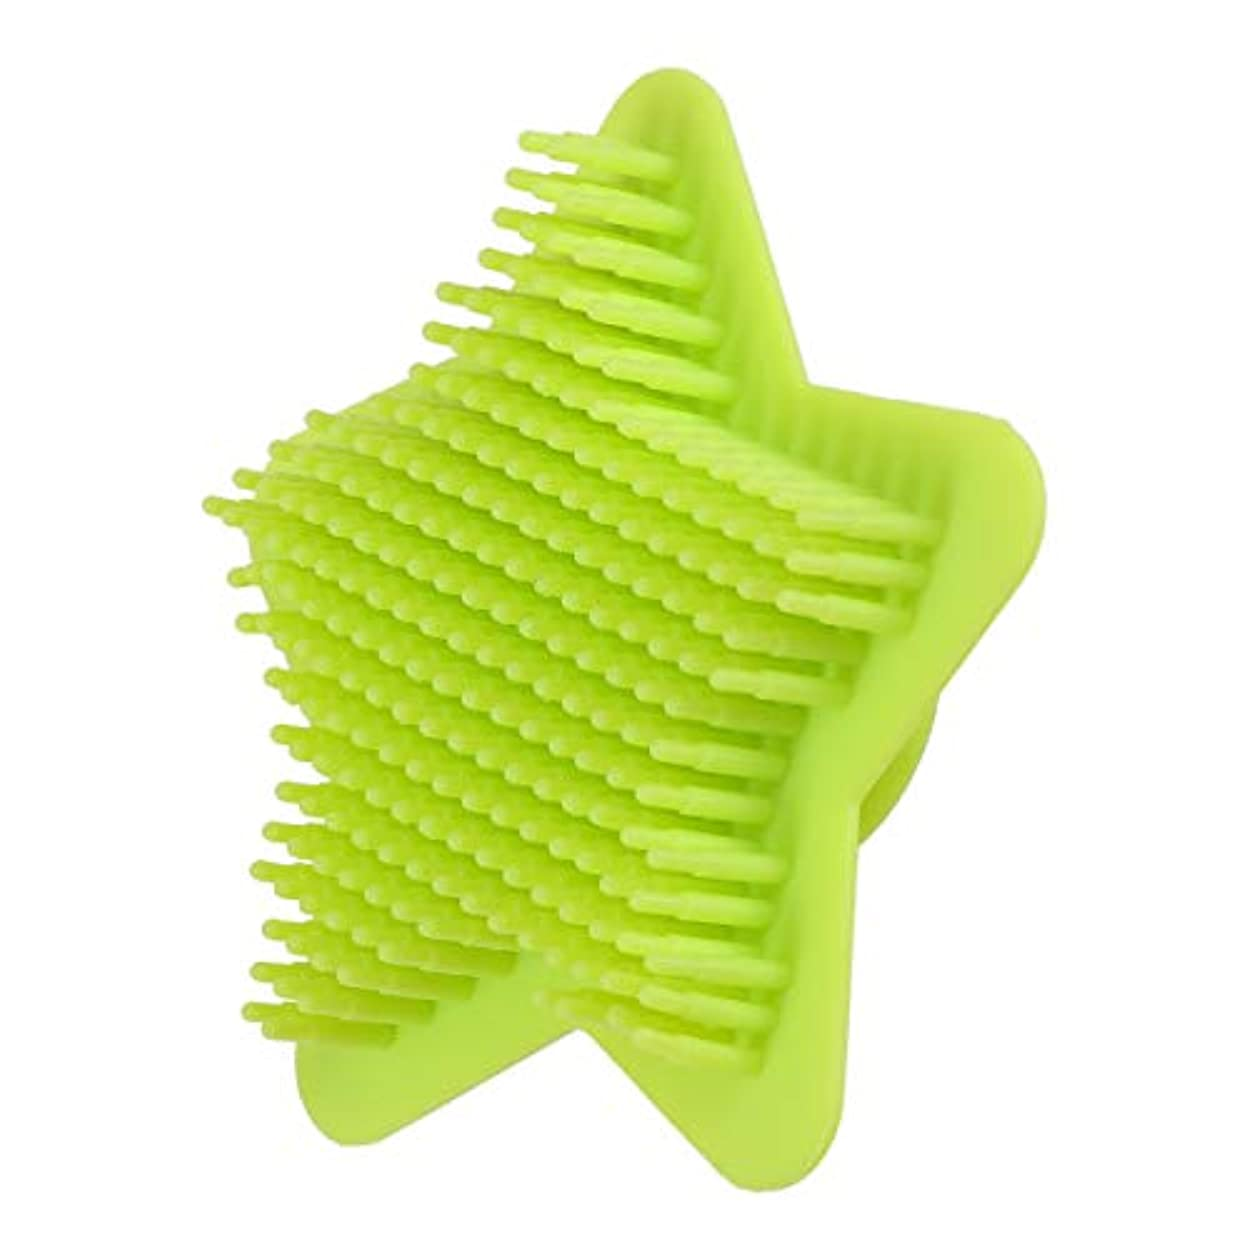 虫を数える拾う時代Healifty シリコンボディスクラバーヘアシャンプーブラシスカルプソフトマッサージスクラバーブラシシャワーバスブラシ(グリーン)